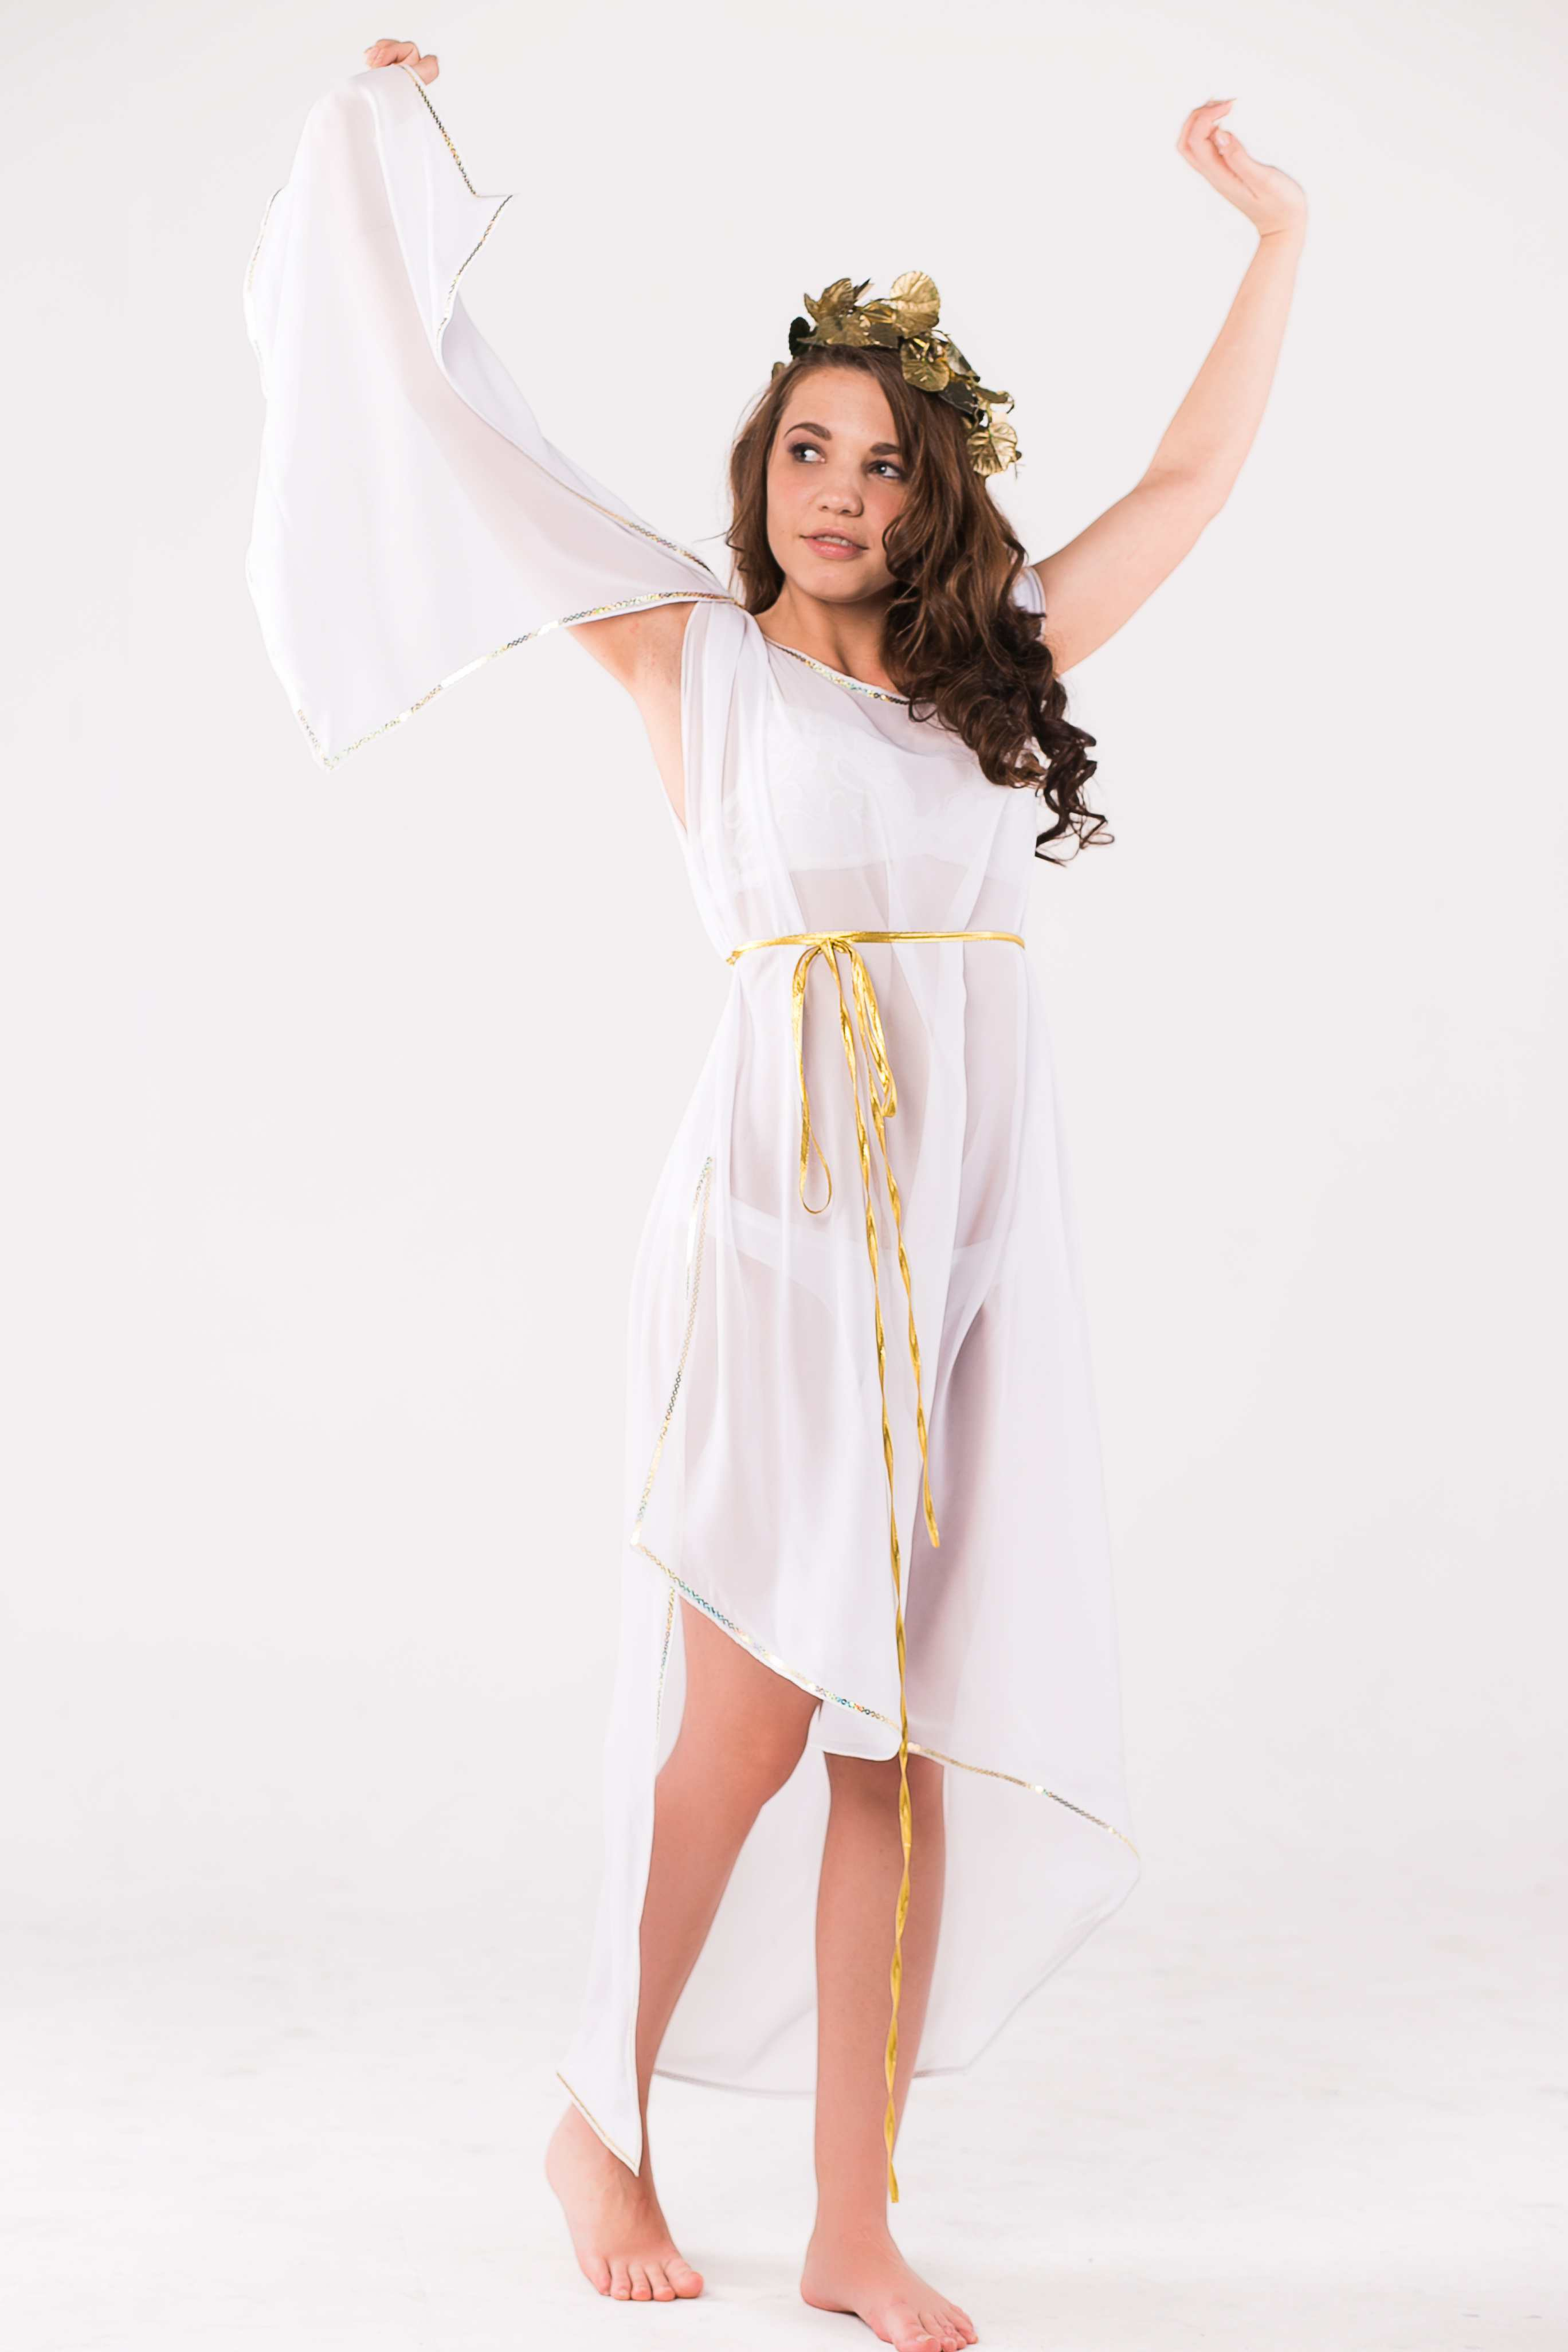 Греческая богиня